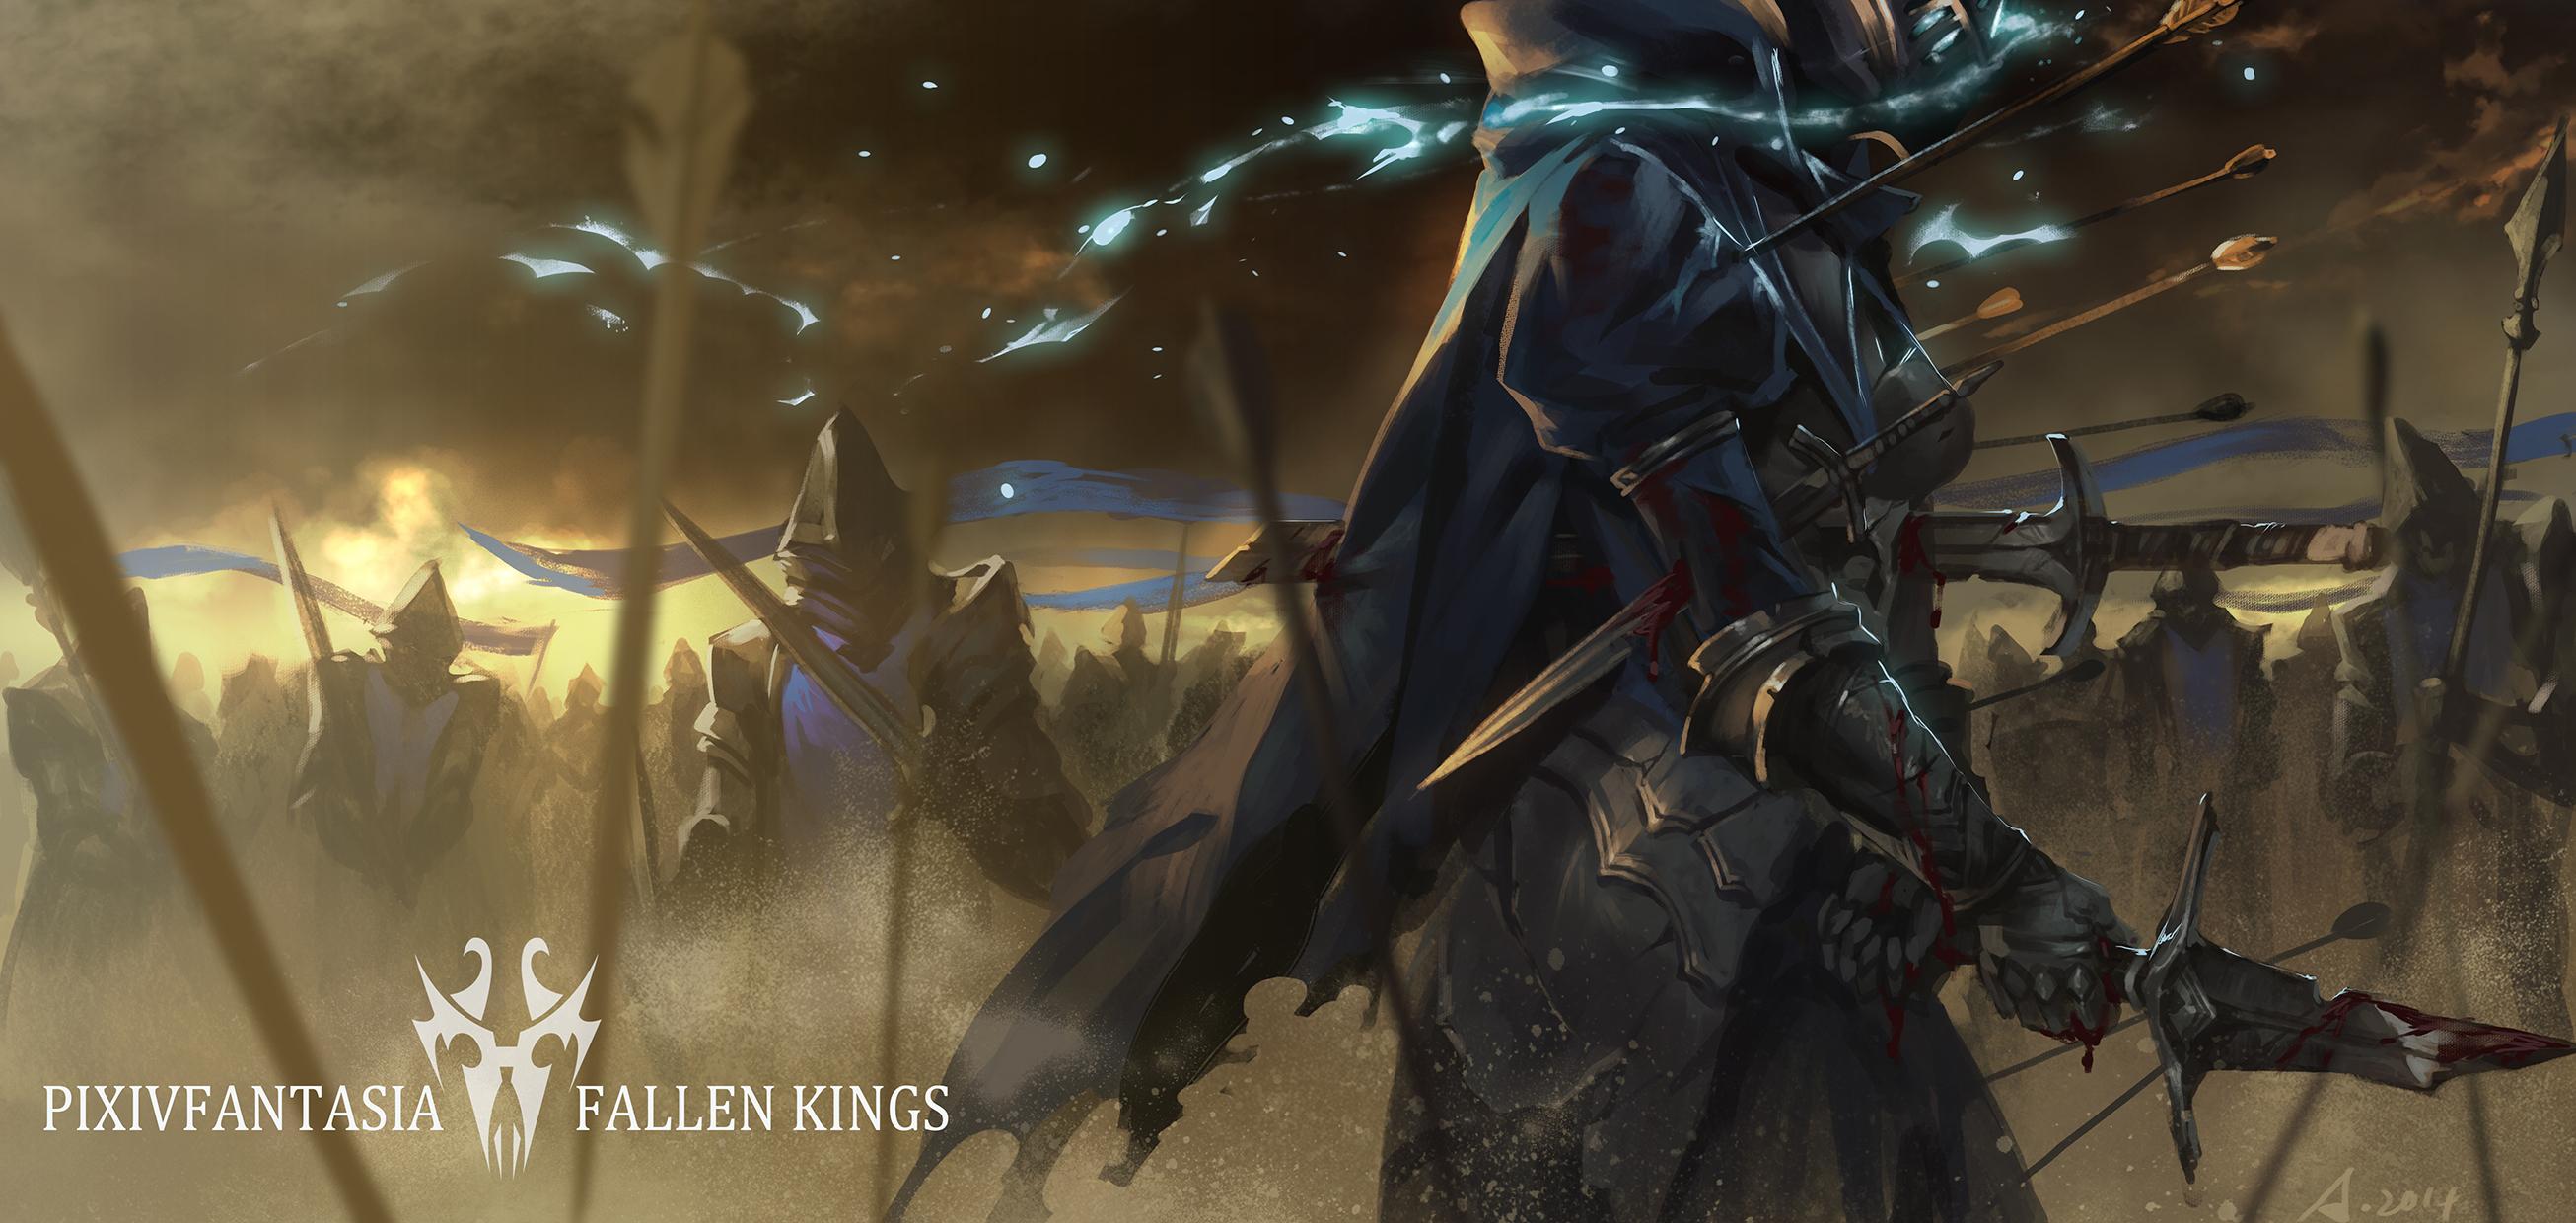 Ao No Mavis Pixiv Fantasia Fallen Kings Zerochan Anime Image Board